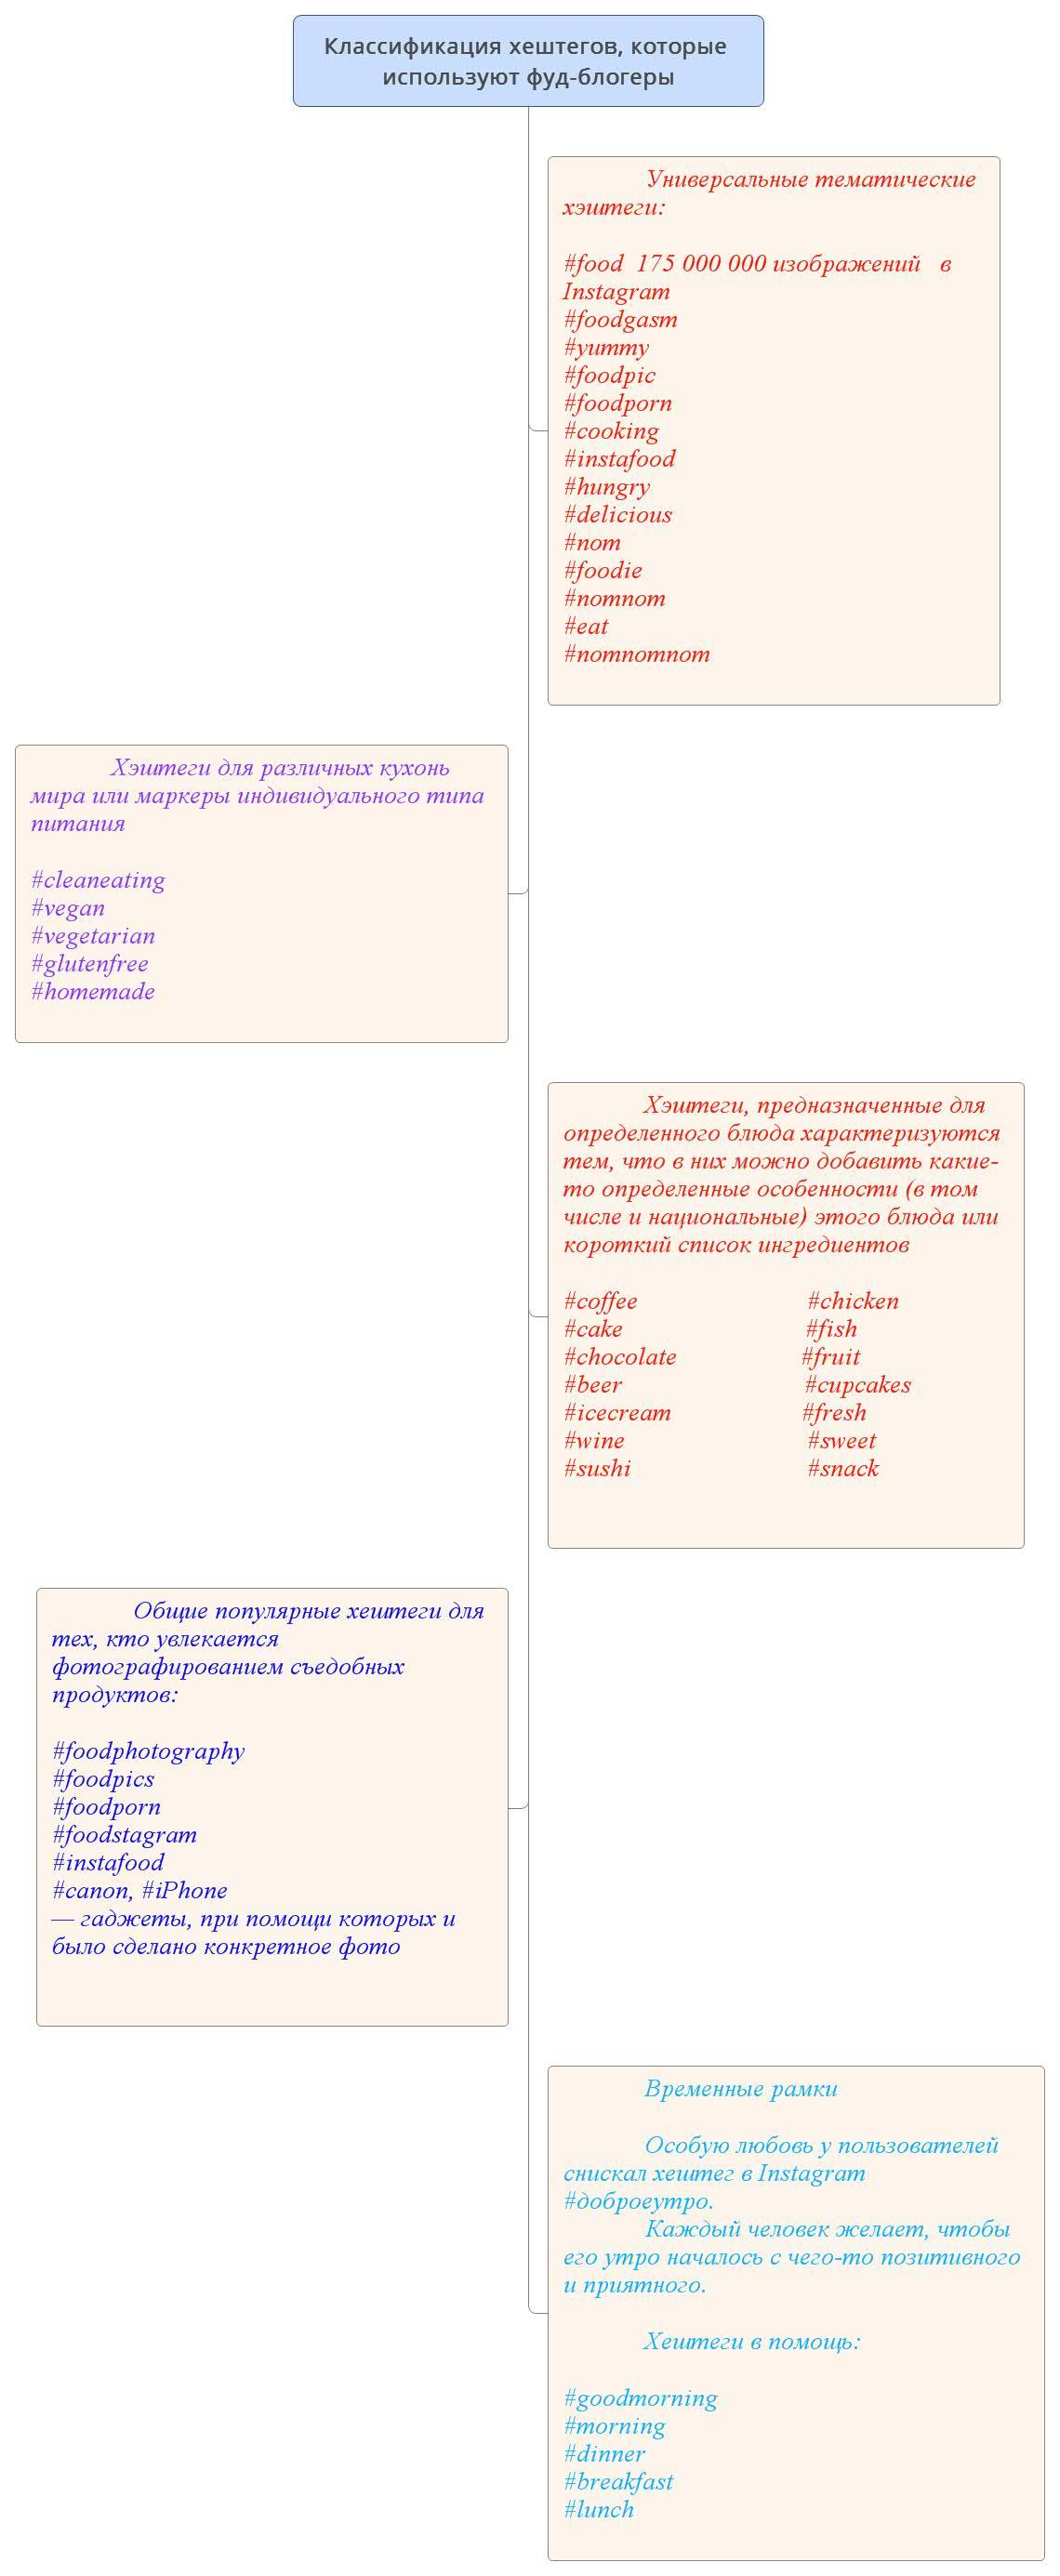 Классификация хештегов, которые используют фуд-блогеры